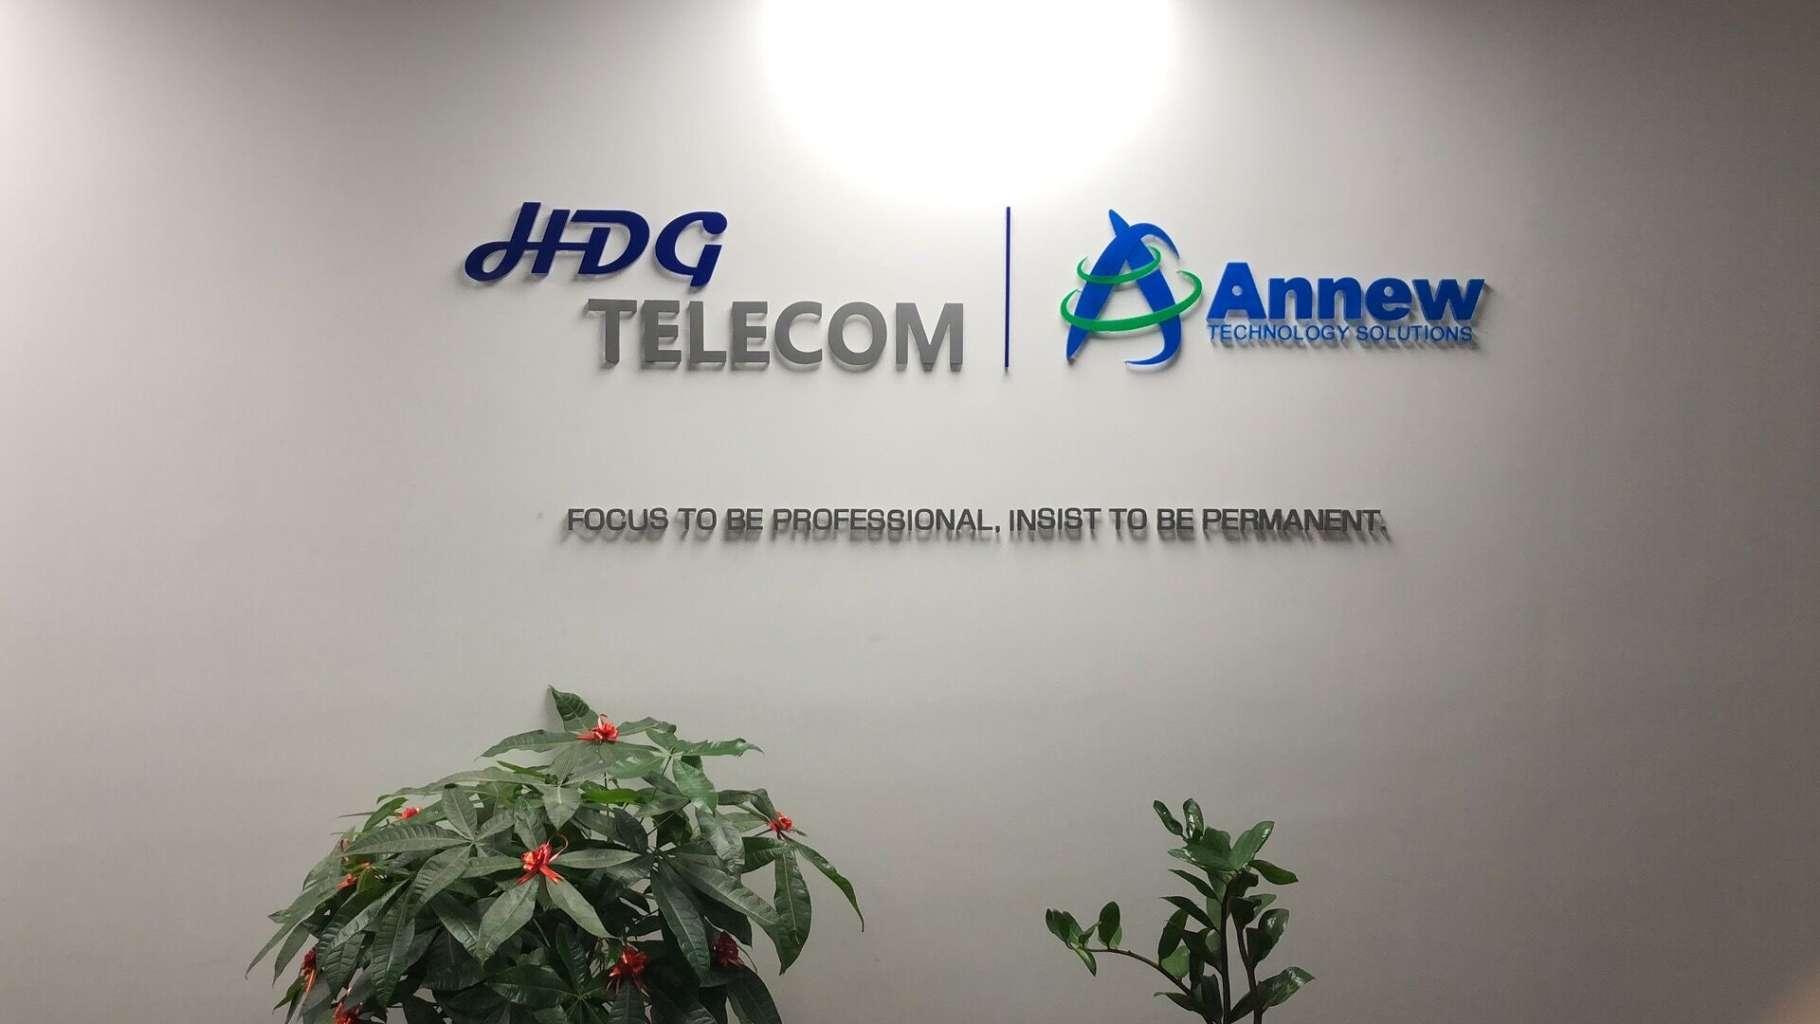 Annew-Tech